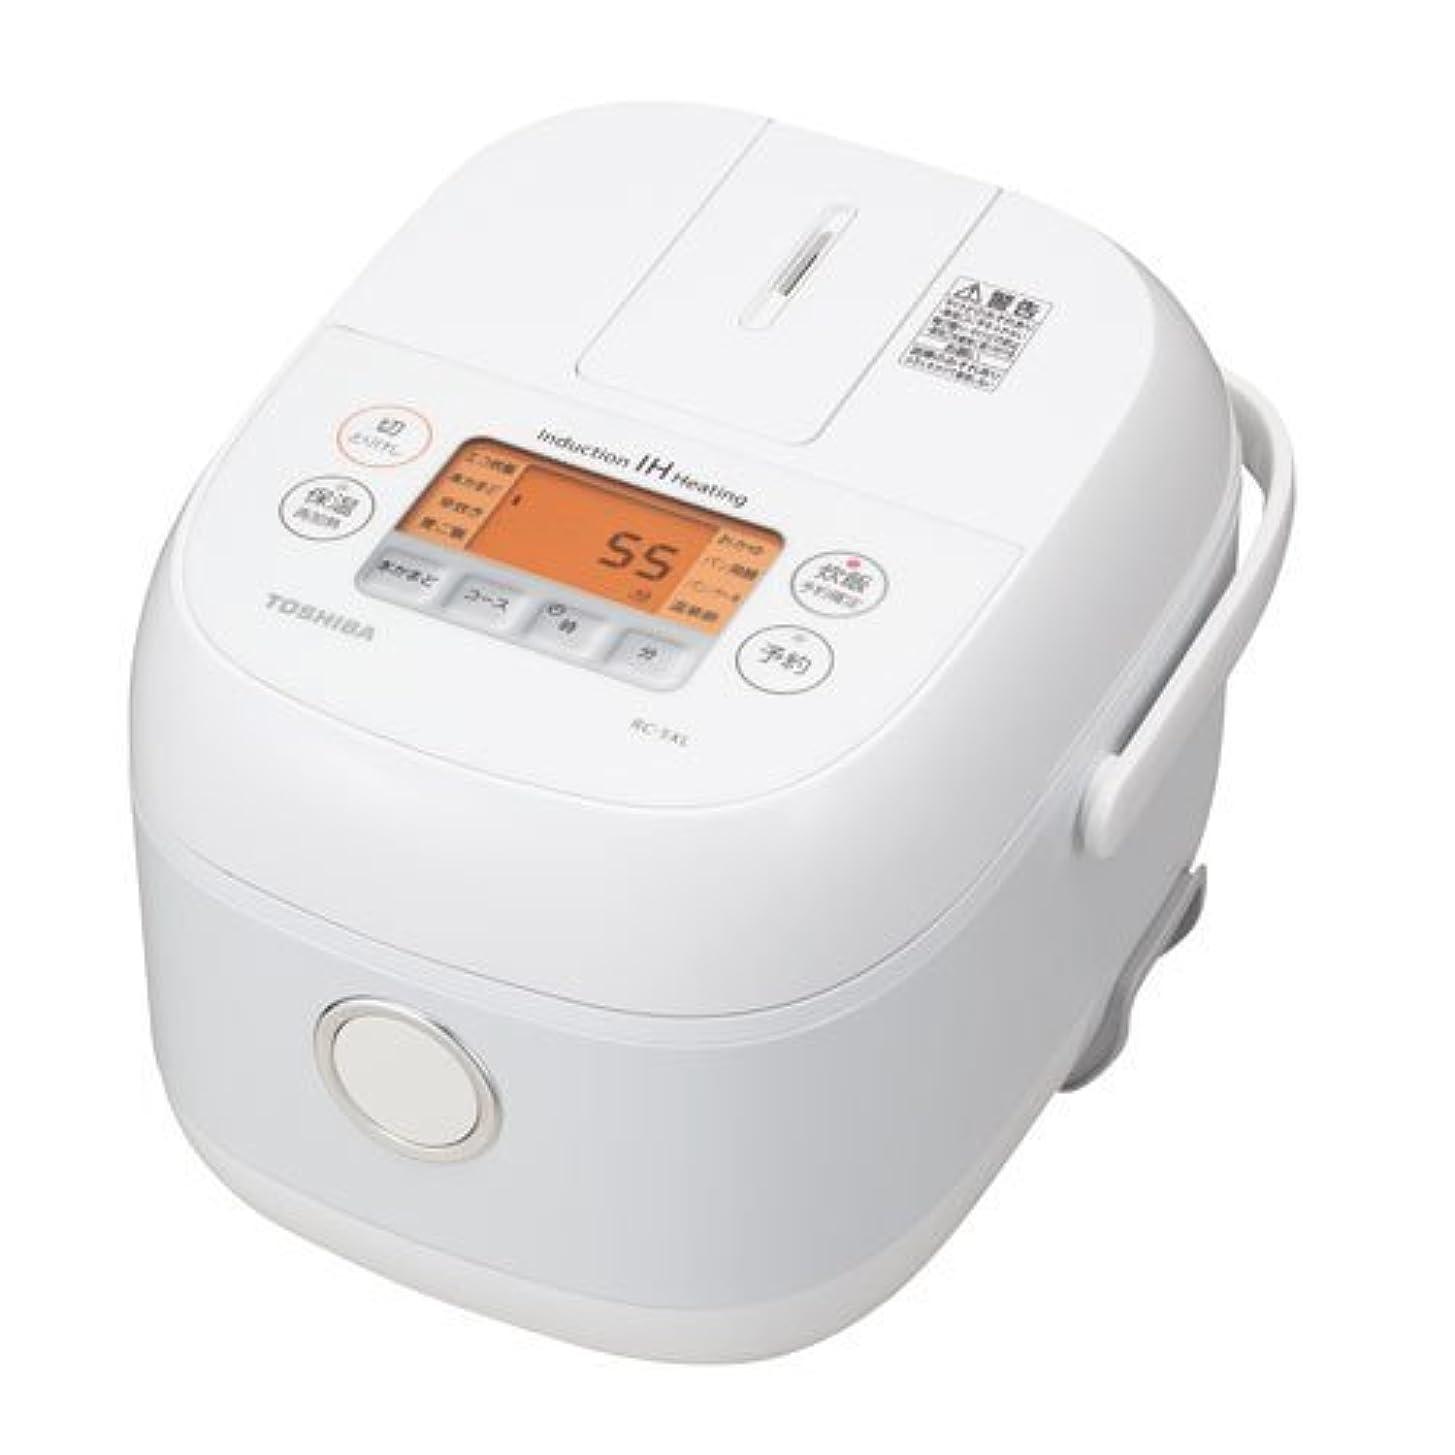 東芝 IHジャー炊飯器(3合炊き) ホワイトTOSHIBA RC-5XL-W